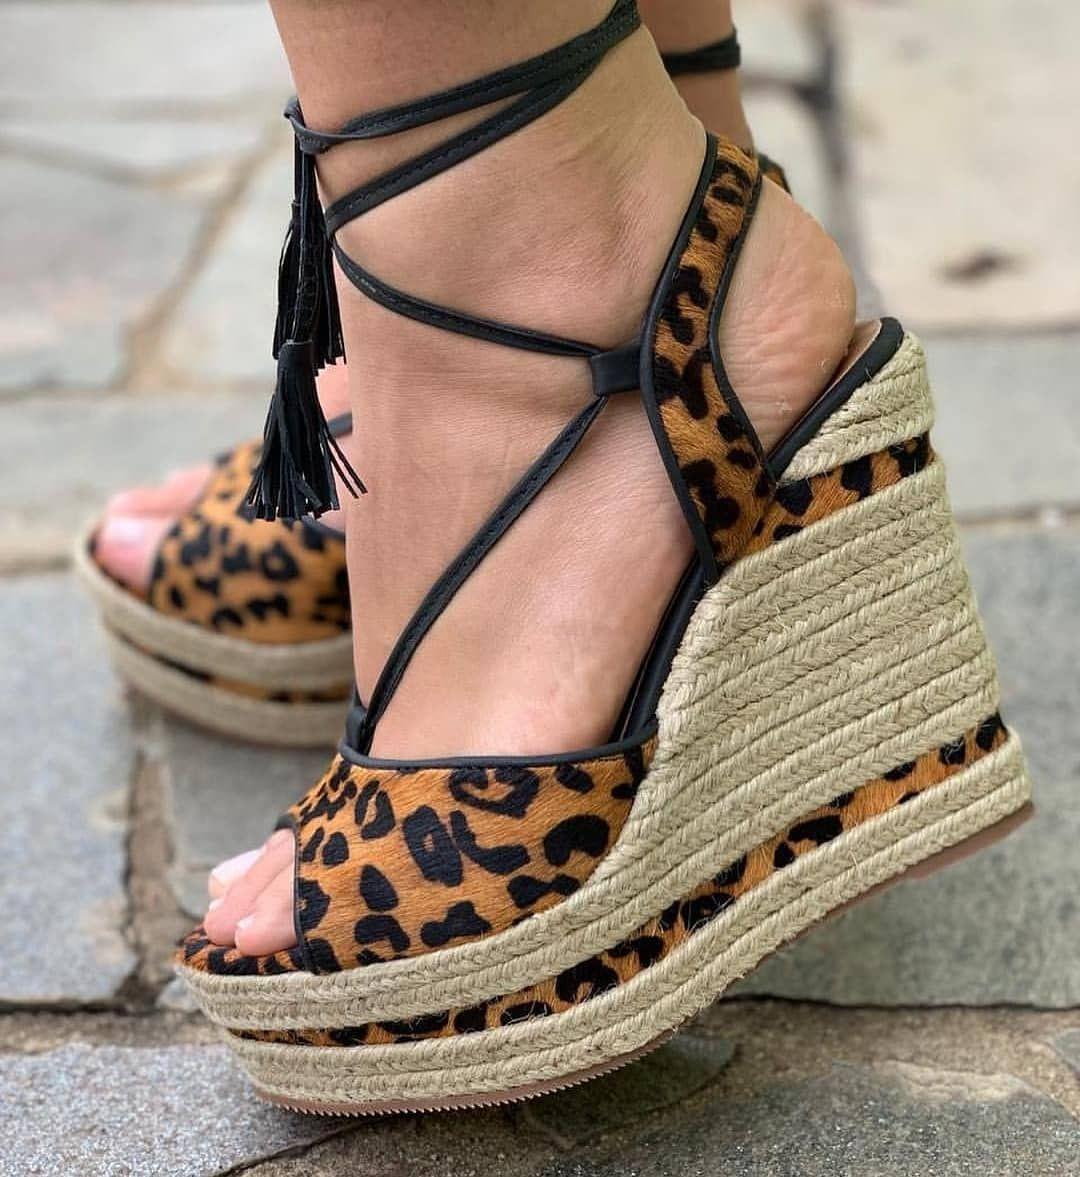 841e3a6ea Sandália plataforma de oncinha, sandália plataforma, sapatos femininos,  calçados femininos